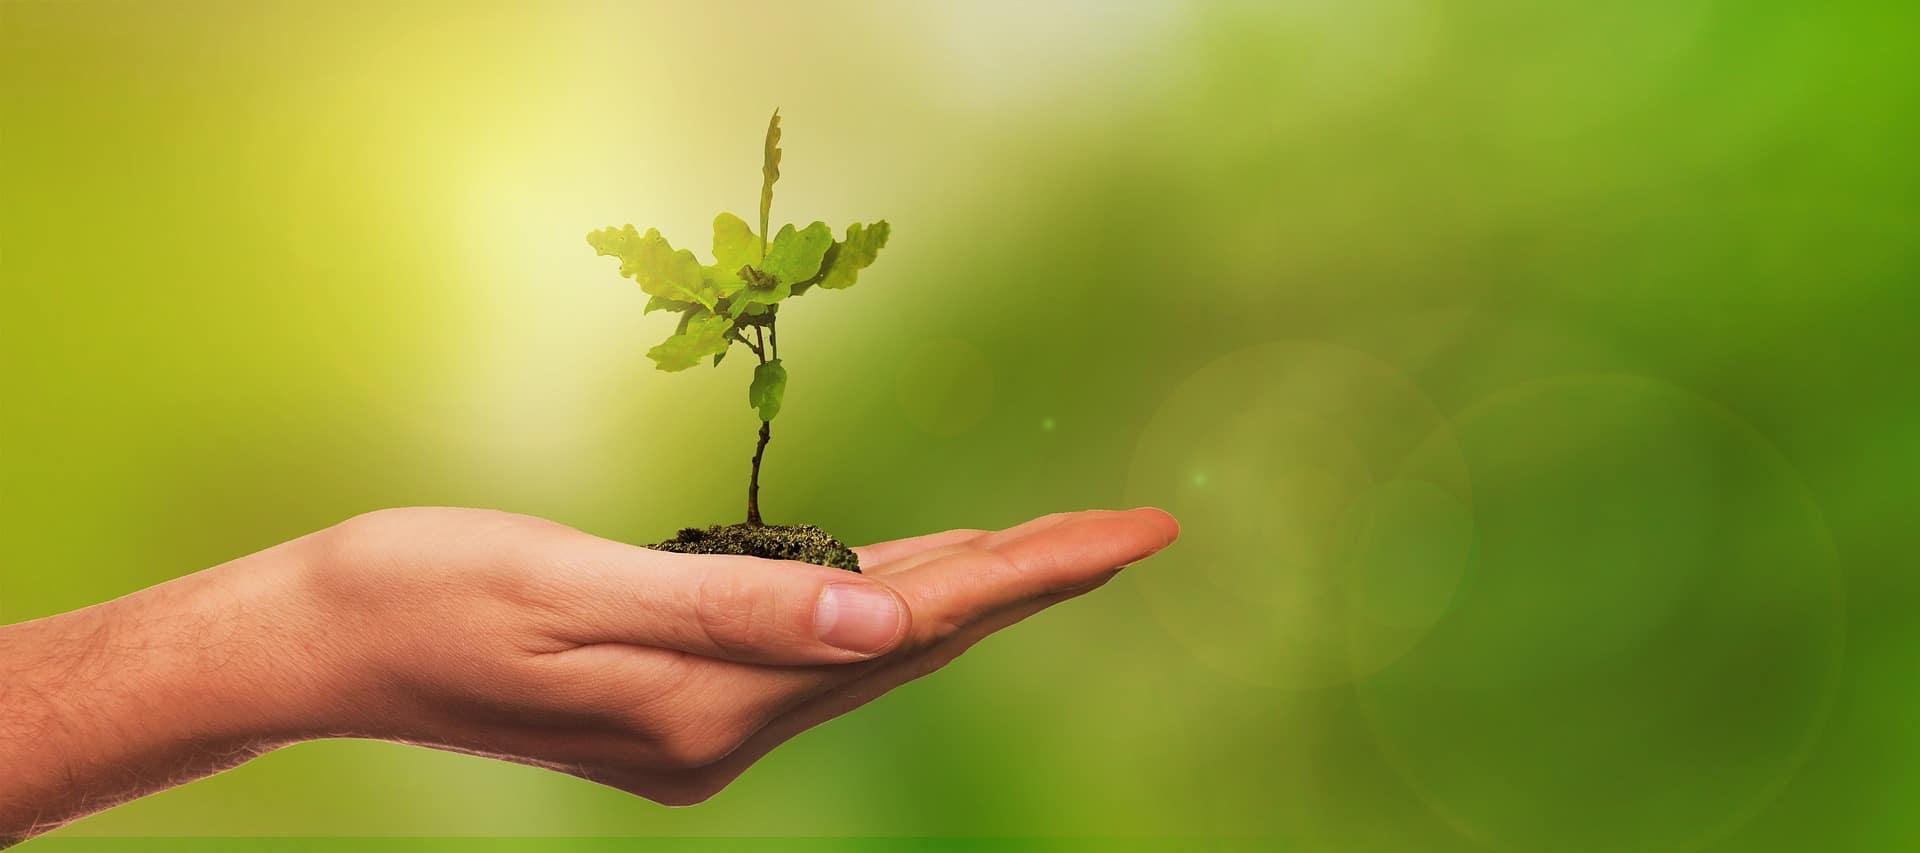 Pesquisa mostra que o uso de detergentes verdes pode economizar 50 mil toneladas de químicos anualmente no planeta